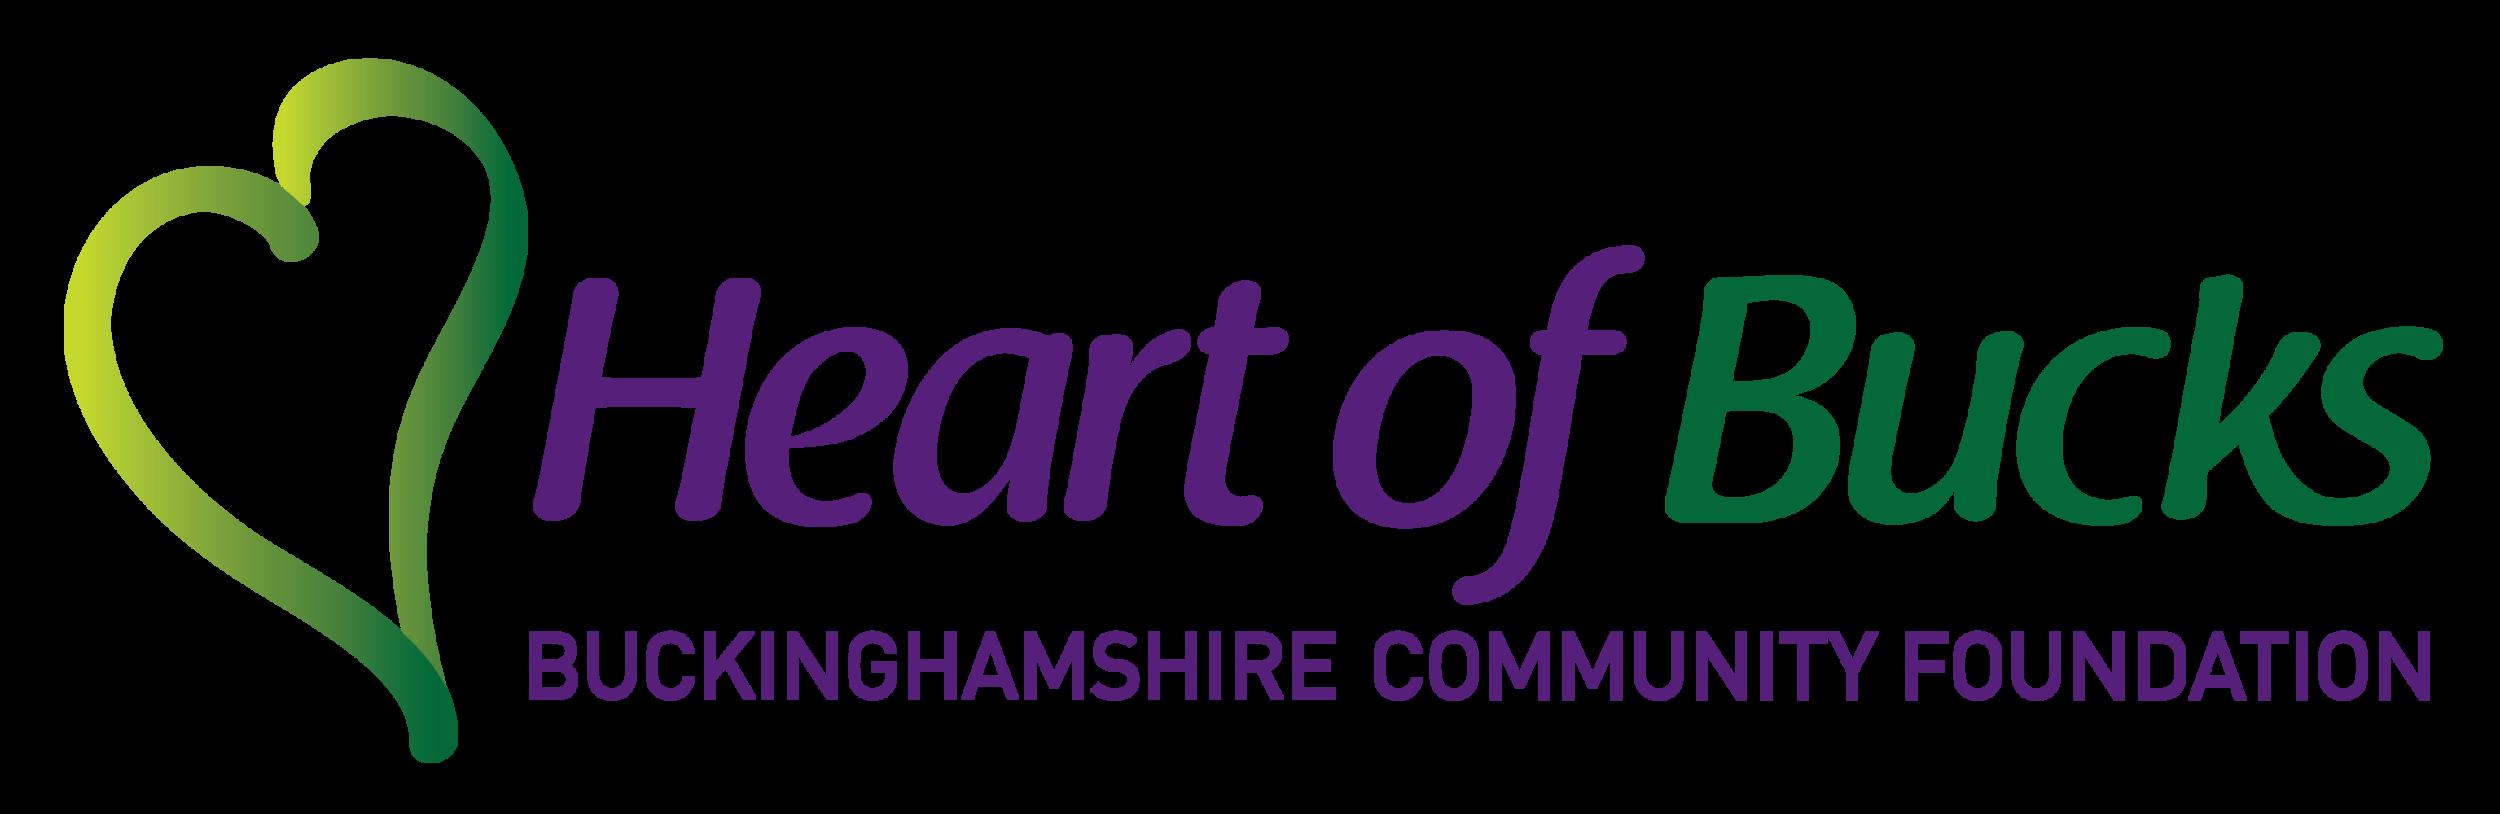 HeartofBucks-Logo-L-new.png